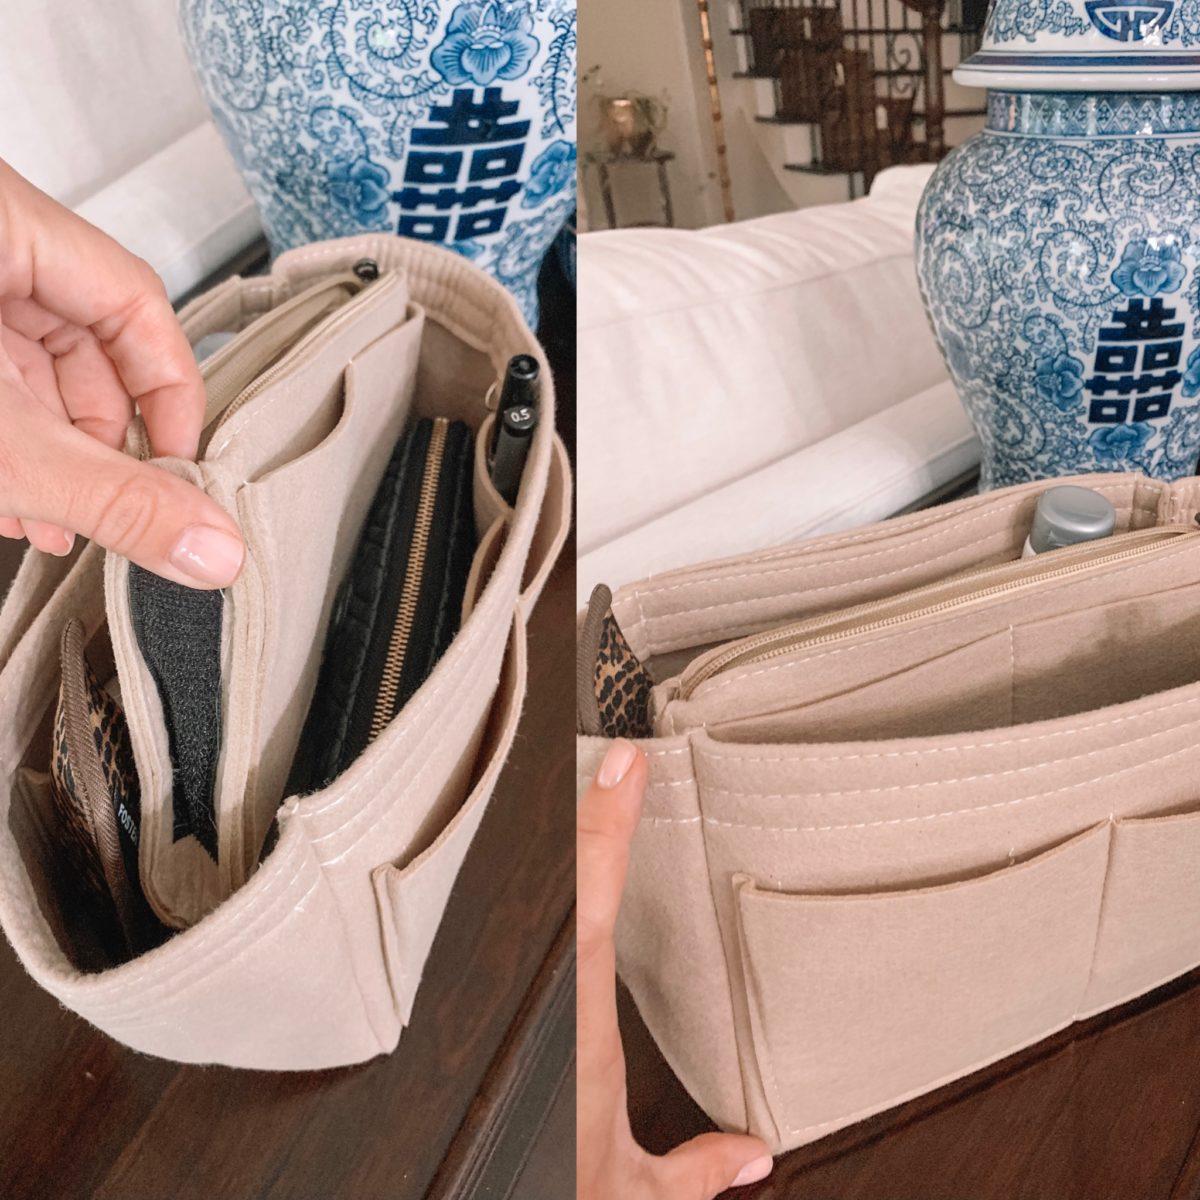 Tote Bag Organizer